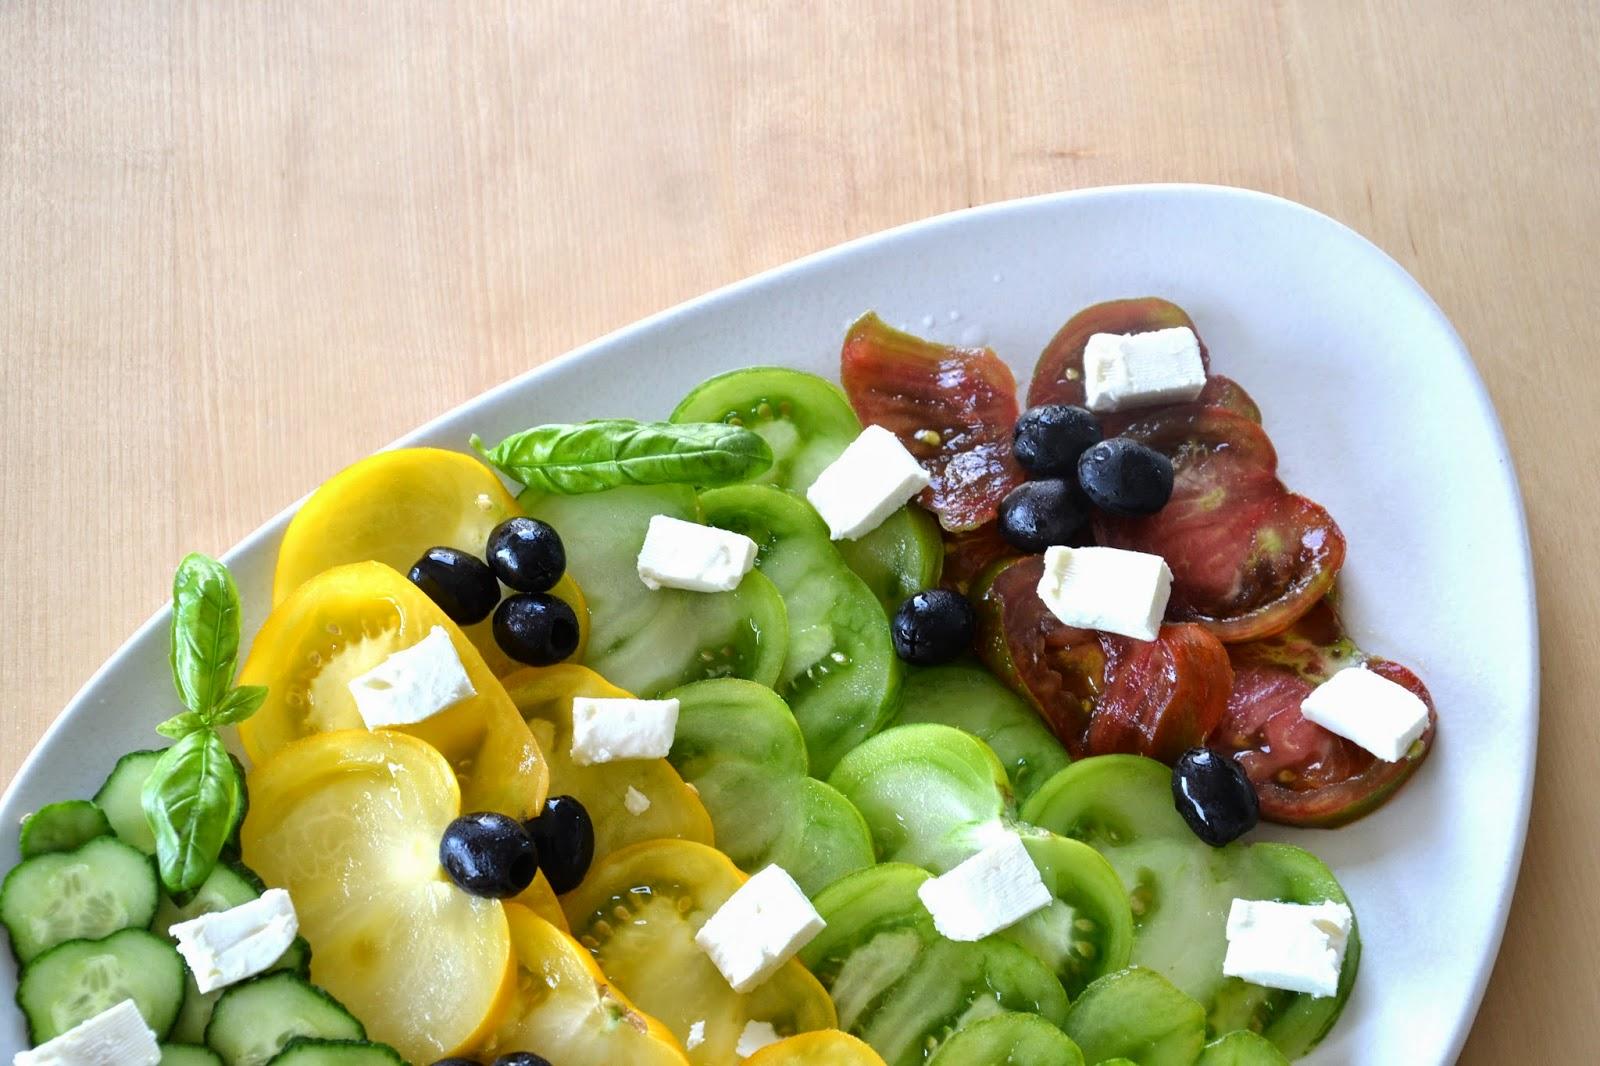 http://lesamoursperissables.blogspot.fr/2014/07/la-salade-grecque.html